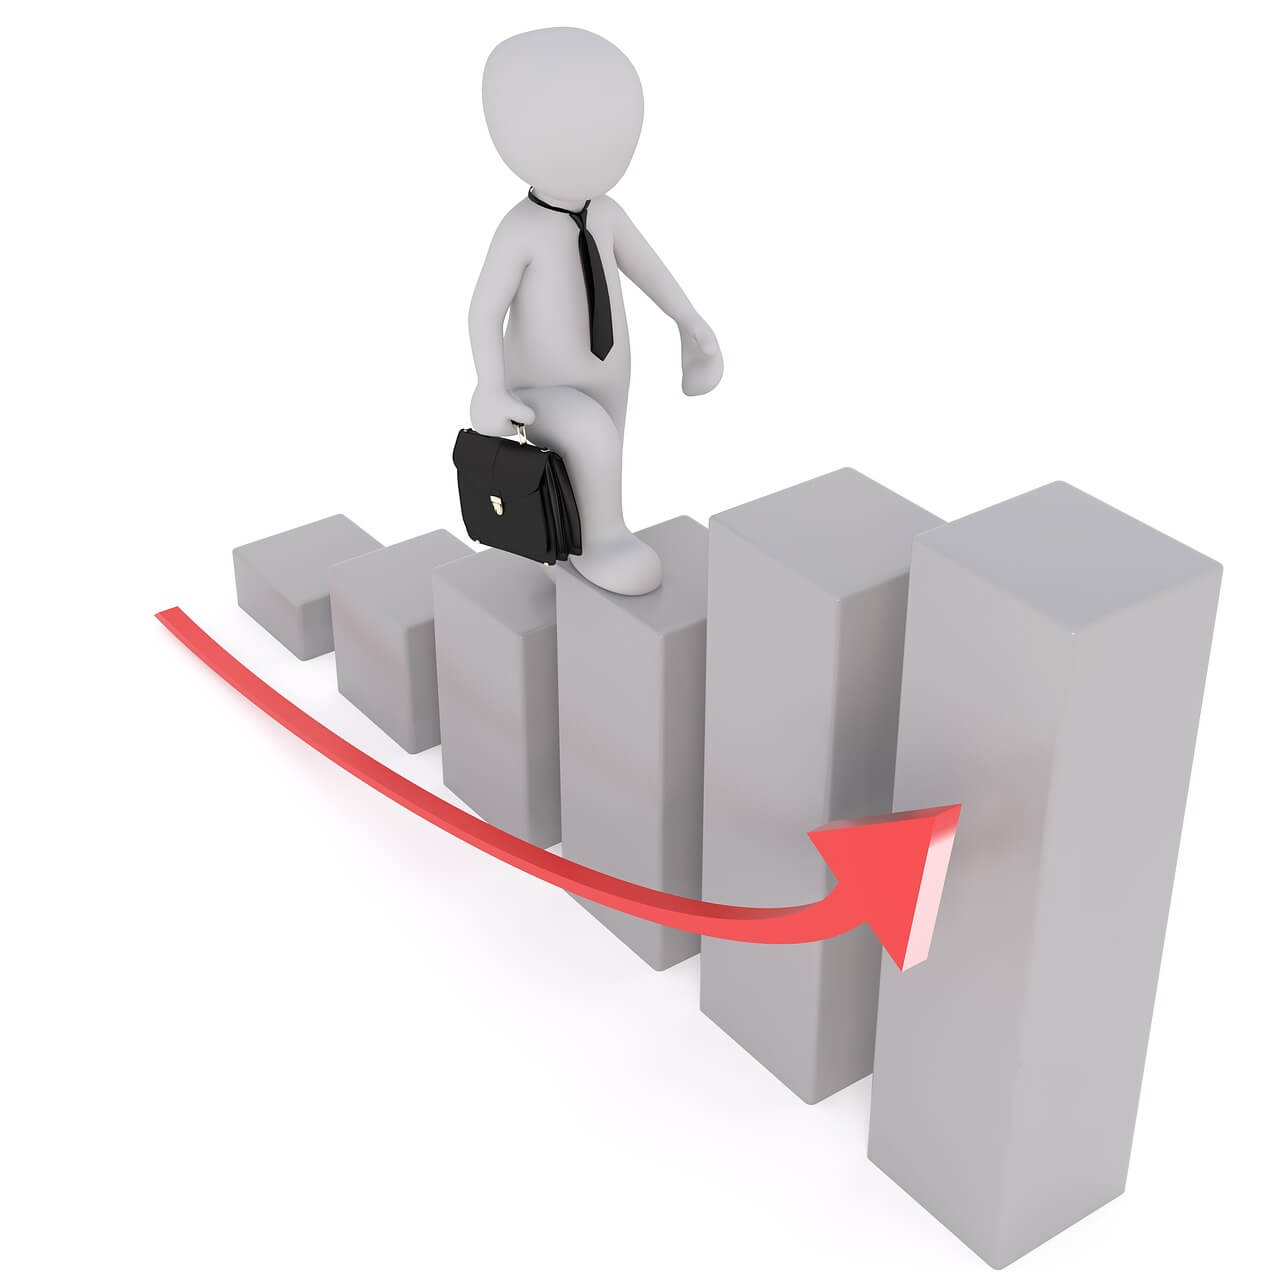 成長株投資関連本の画像